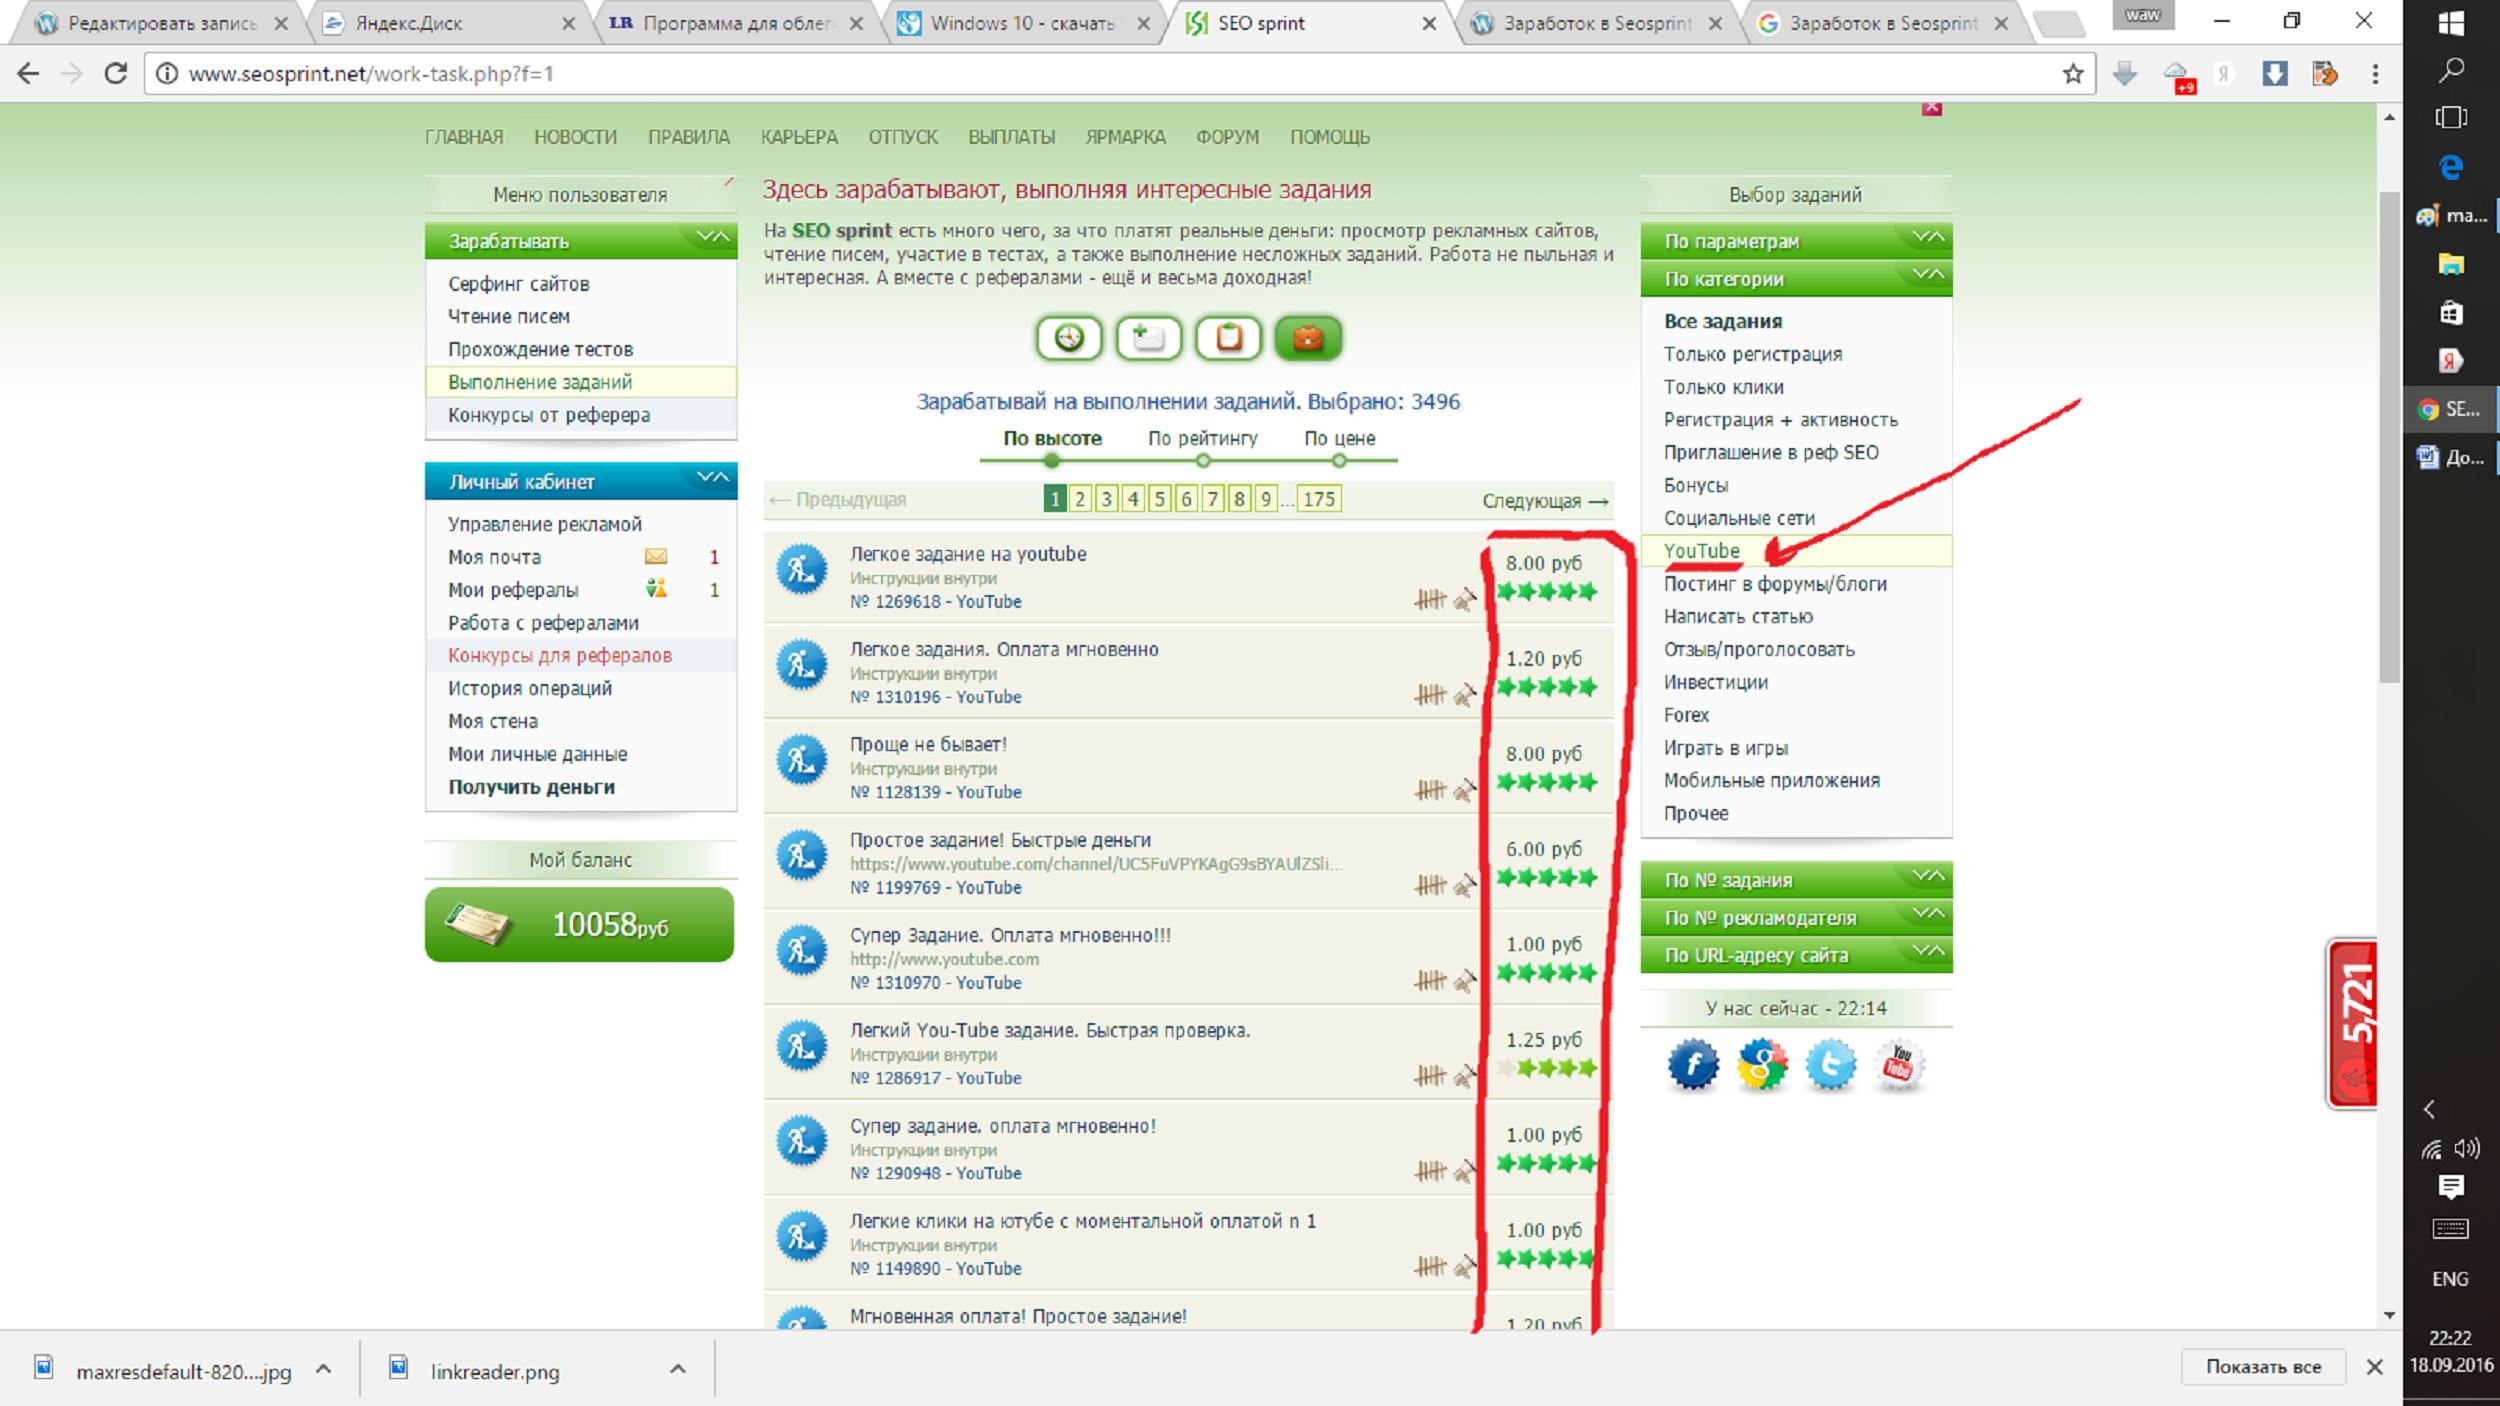 Заработок в Интернете Seosprint по 300 рублей в день